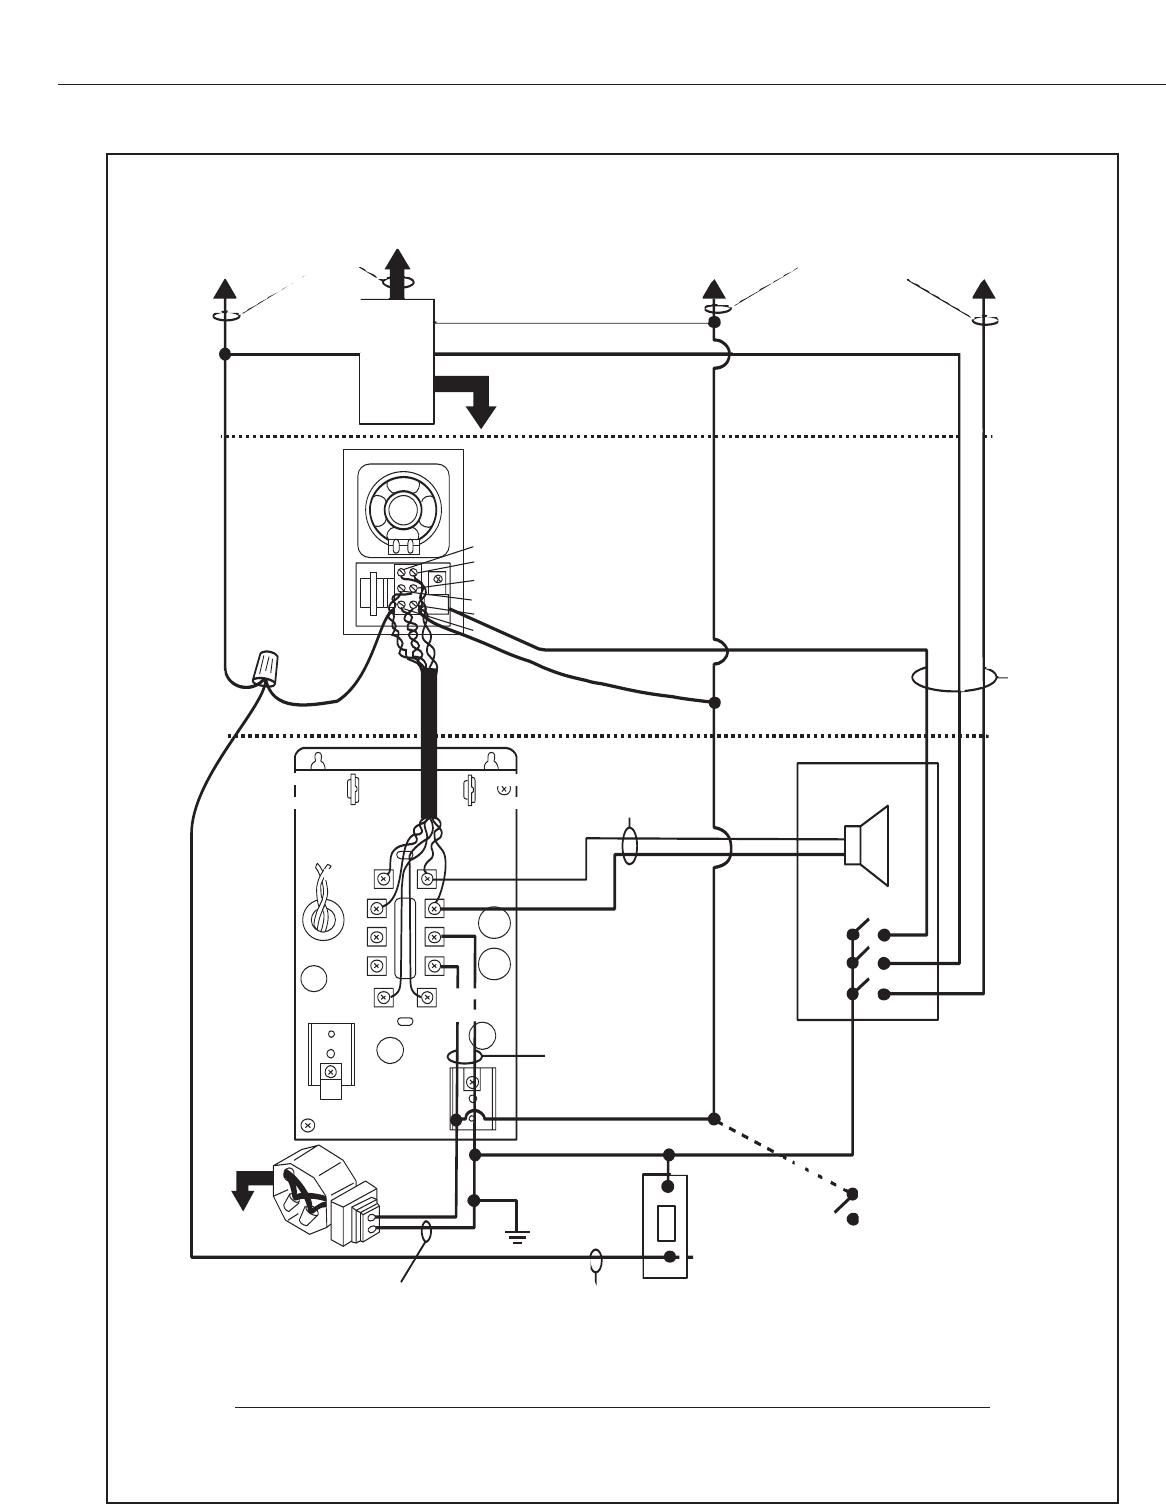 hight resolution of page 5 of nutone intercom system ia 28 user guide manualsonline com nutone intercom wiring diagram pdf